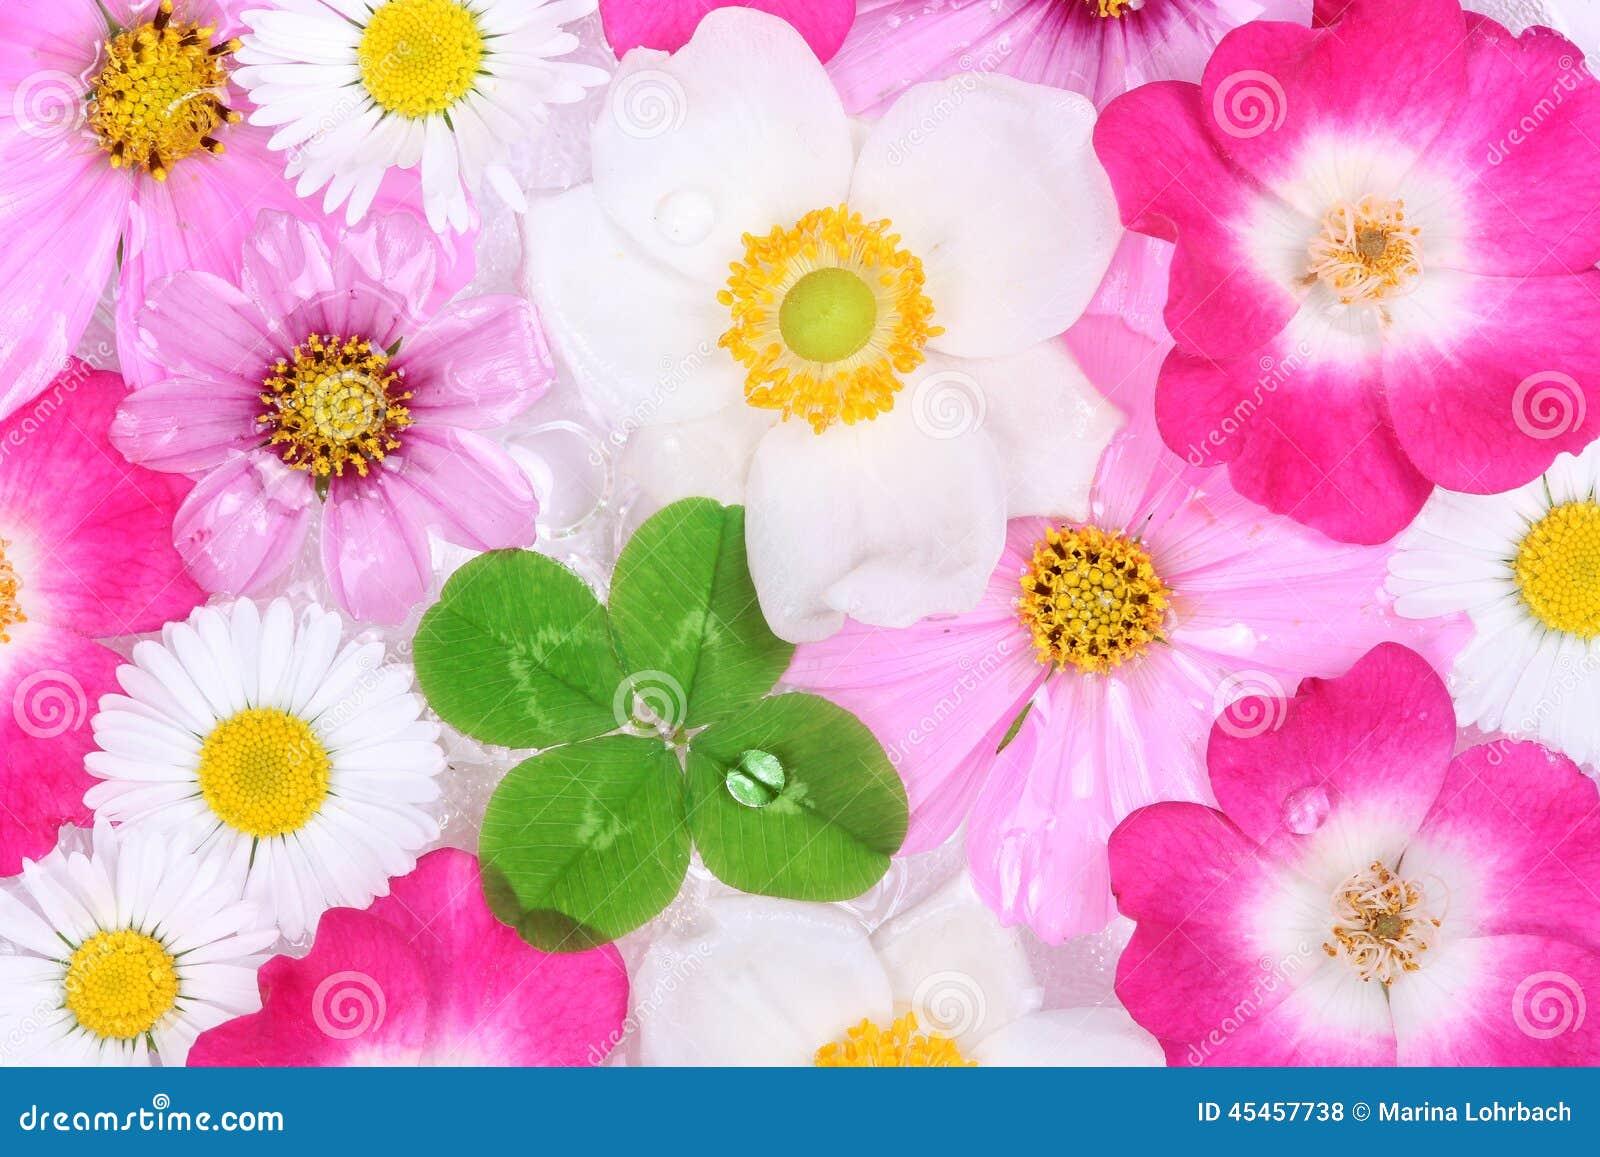 Fiori Quadrifoglio.Fiori E Quadrifoglio Fotografia Stock Immagine Di Fiore 45457738